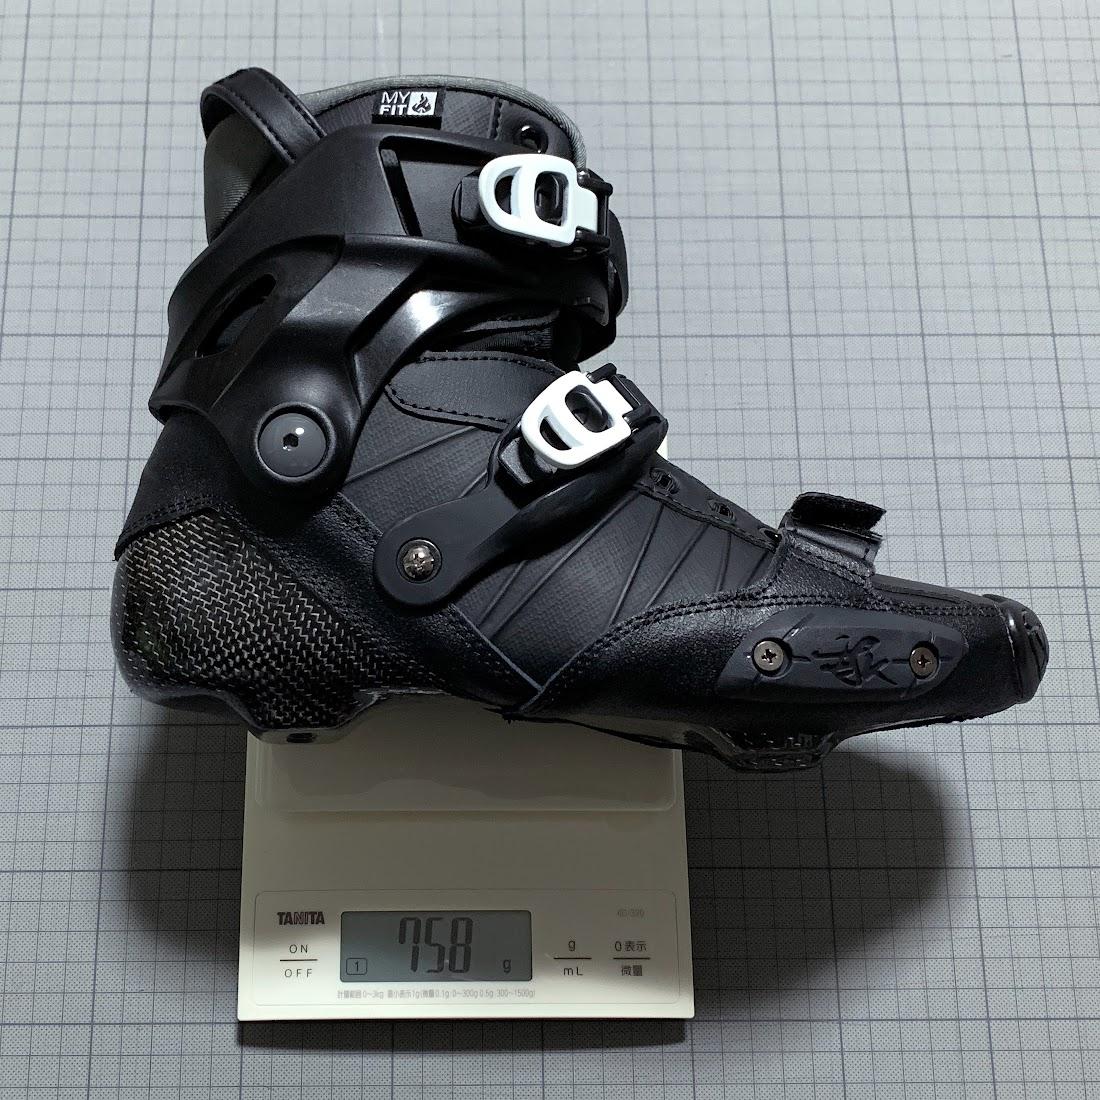 EU40のブーツのみ(シューレースとインソールを含まず)の片足分の重量:758g